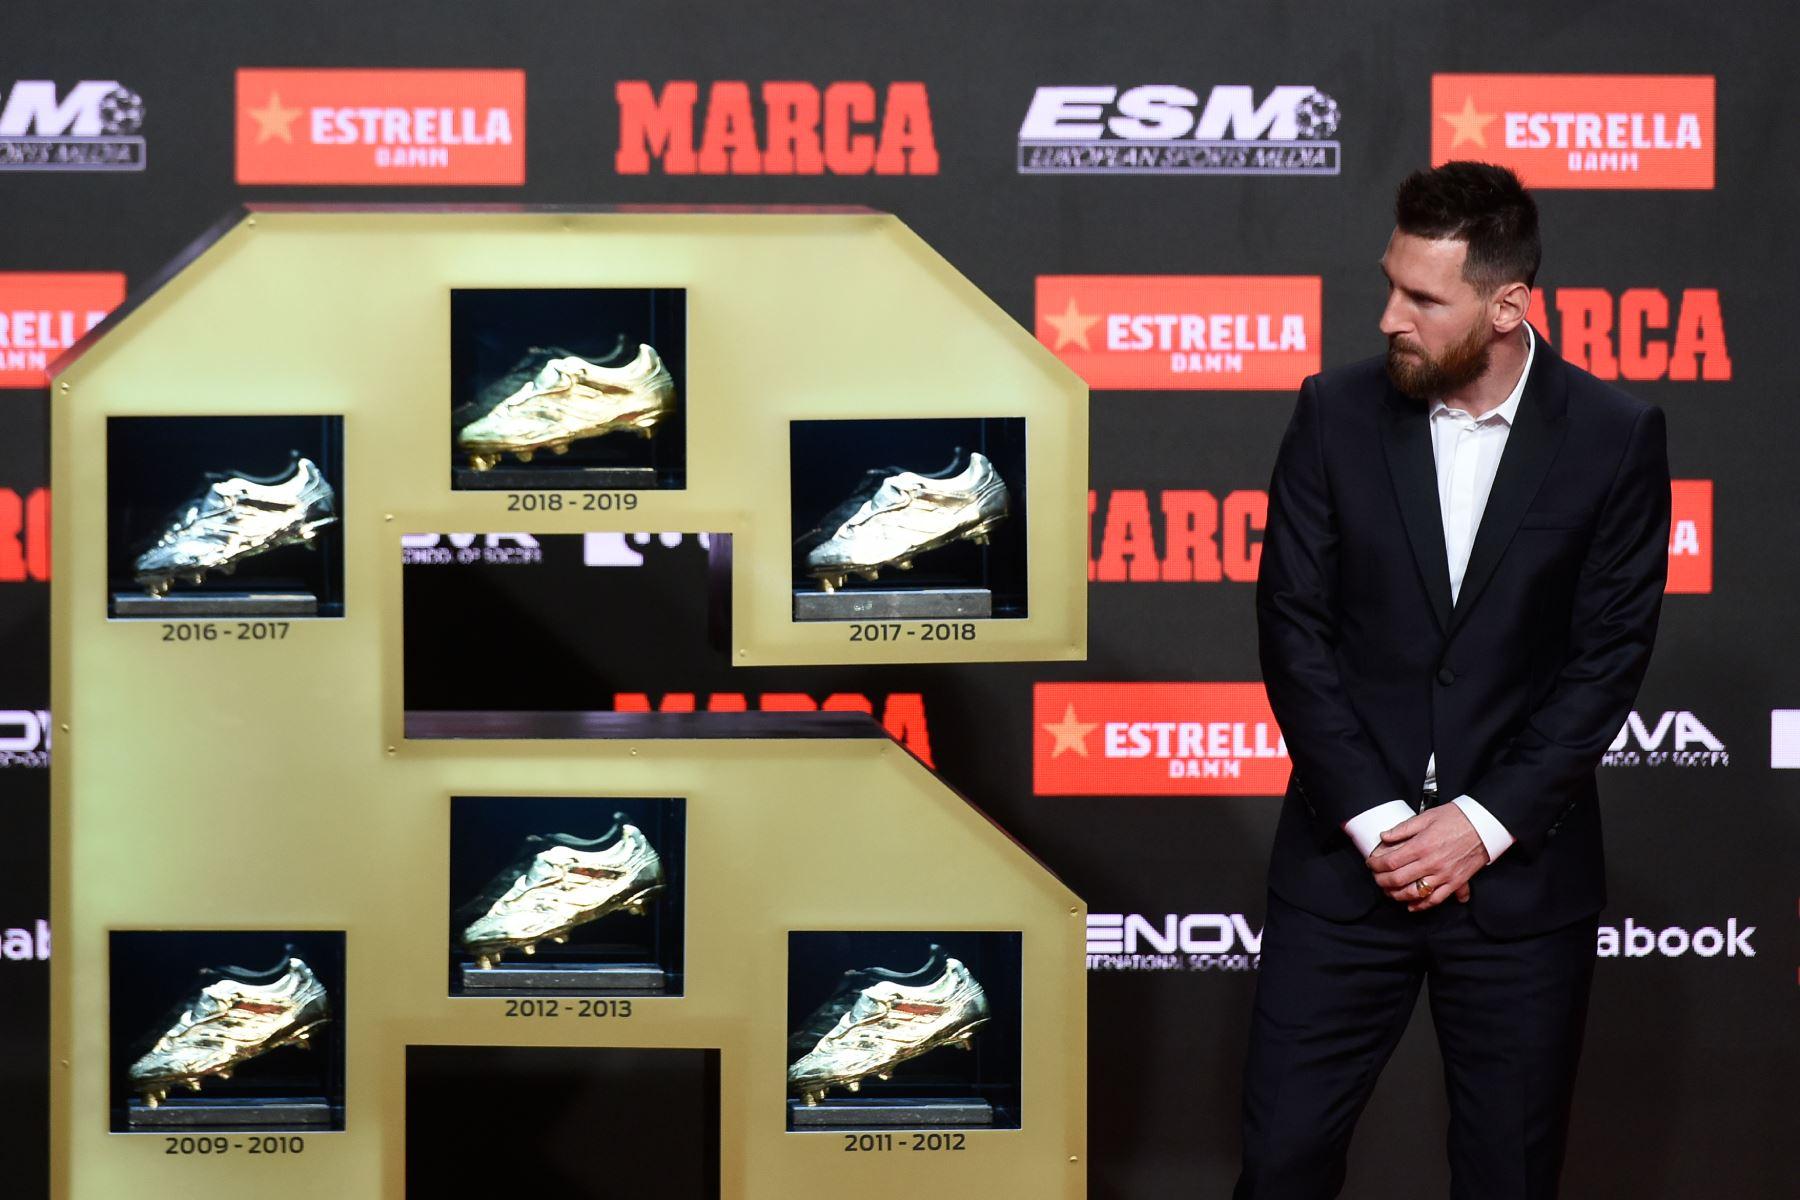 El delantero del FC Barcelona Lionel Messi posa tras recibir la Bota de Oro que le acredita como el máximo goleador de las ligas europeas de la temporada 2018-19, la sexta de su carrera. Foto: AFP